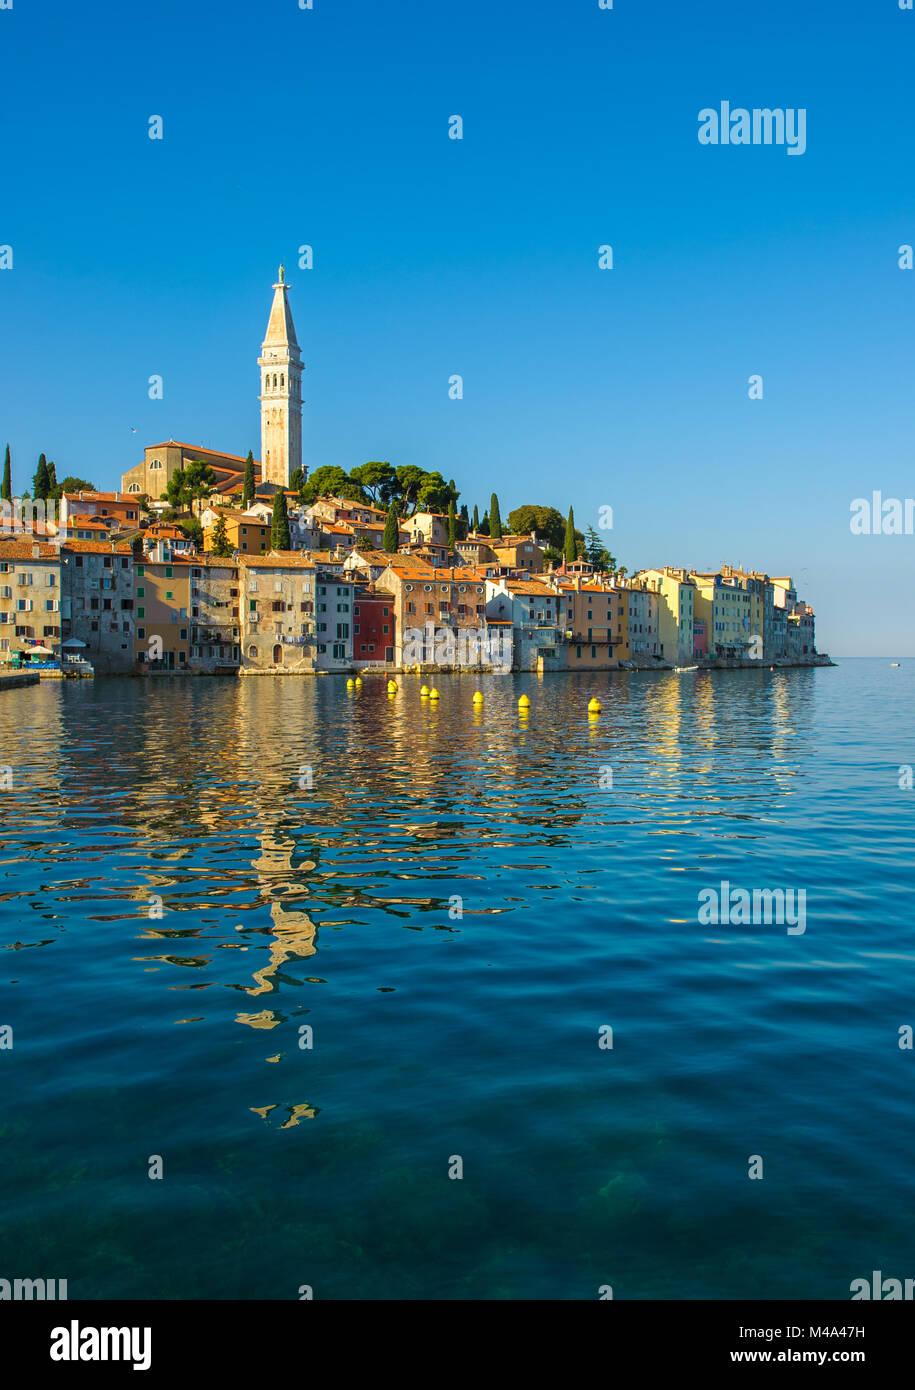 Altstadt von Rovinj, Istrien, Kroatien Stockbild